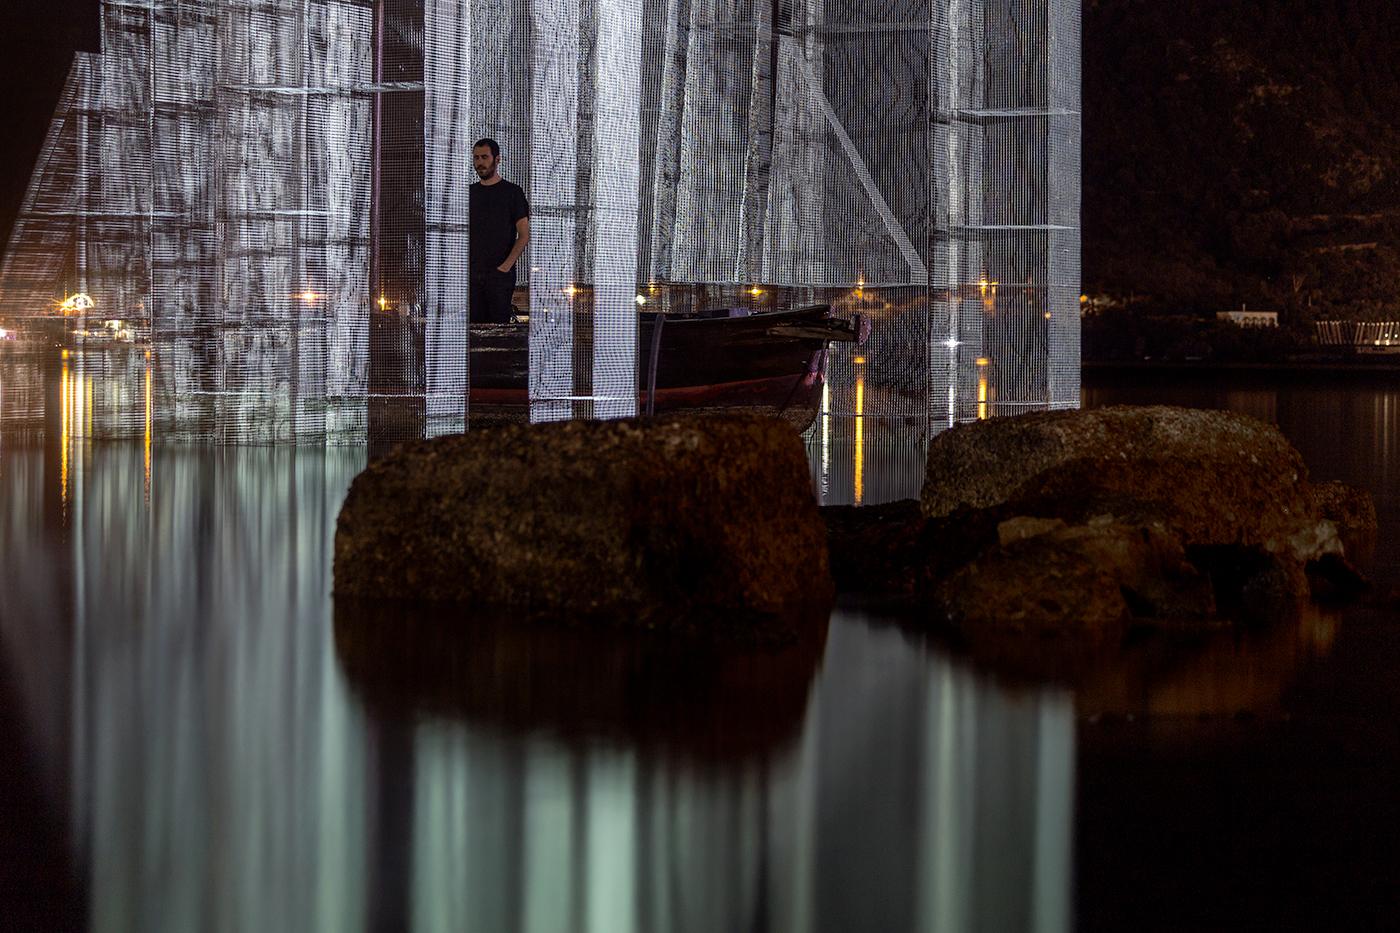 Locus, la performance visivo-sonora di Edoardo Tresoldi e IOSONOUNCANE | Collater.al 4